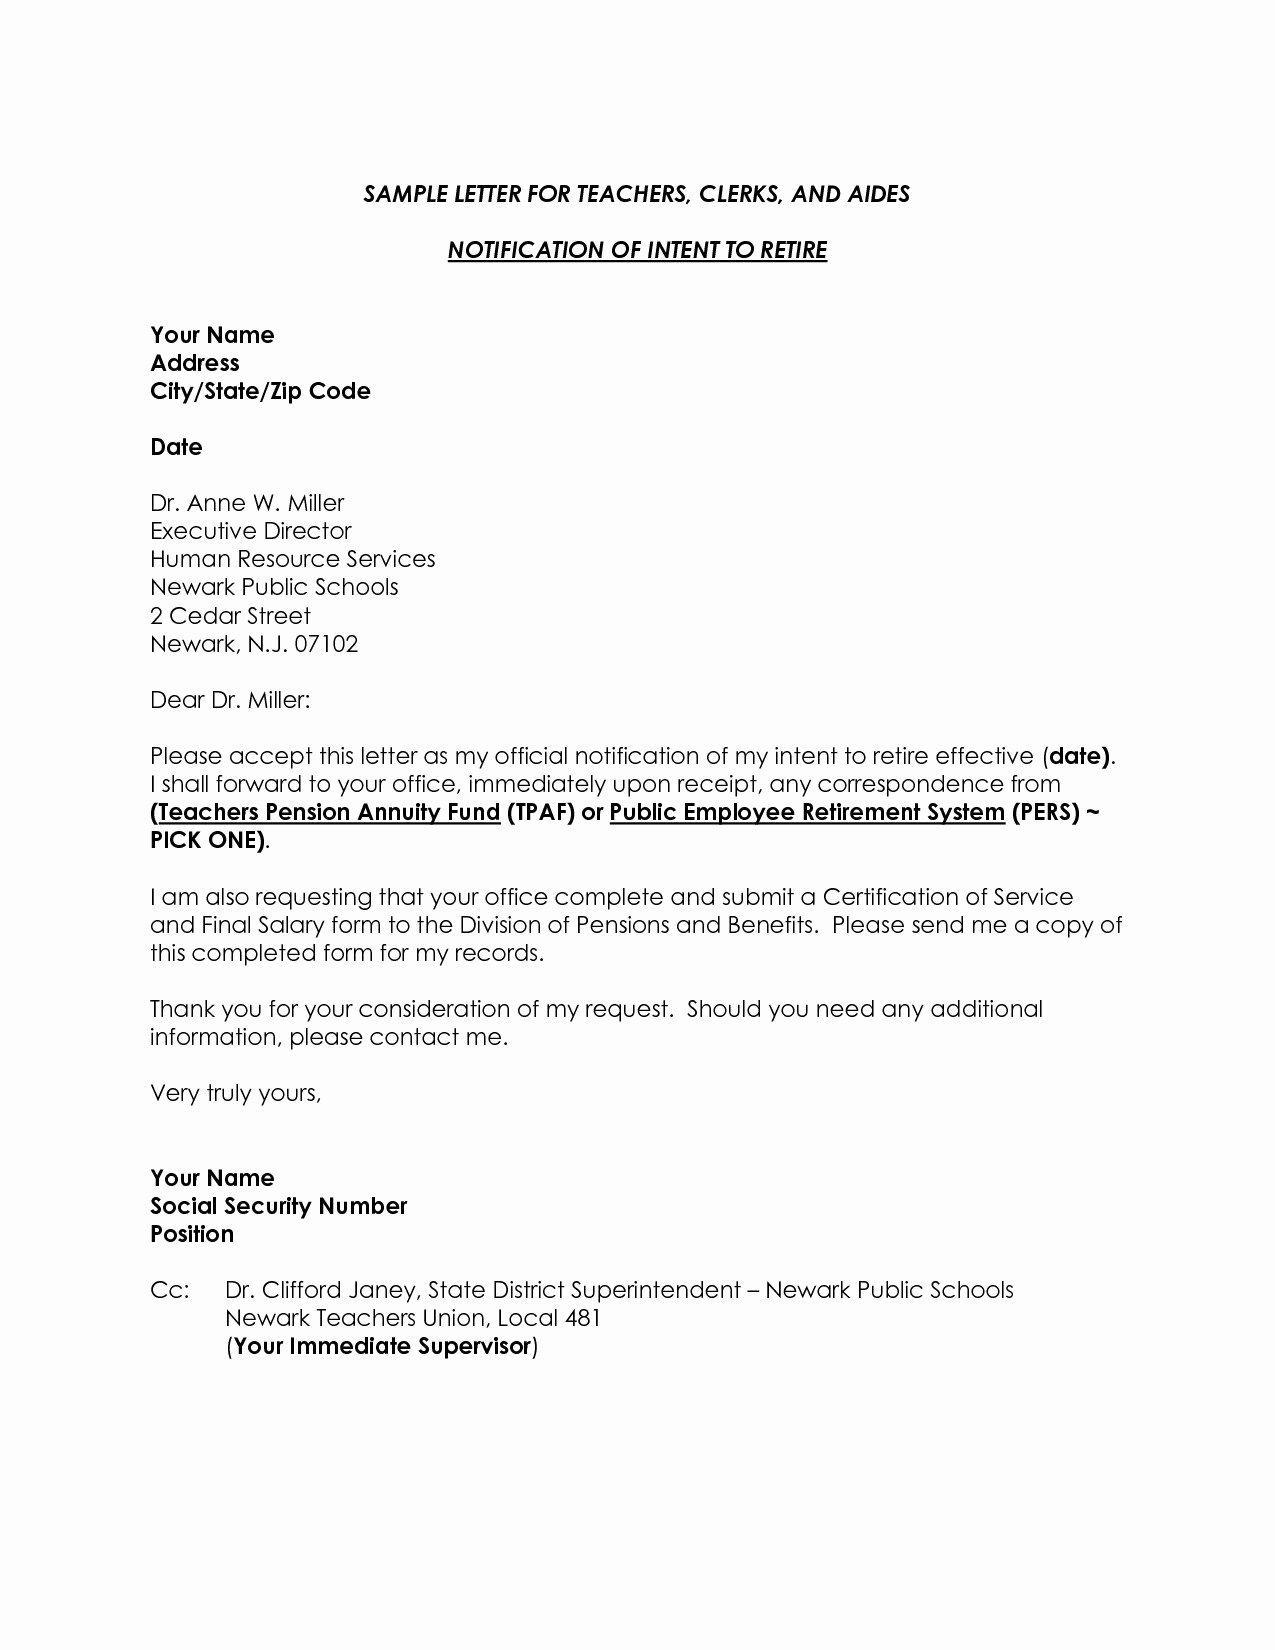 Sample Of Retirement Letter Fresh Retirement Letter to Employer Template Samples